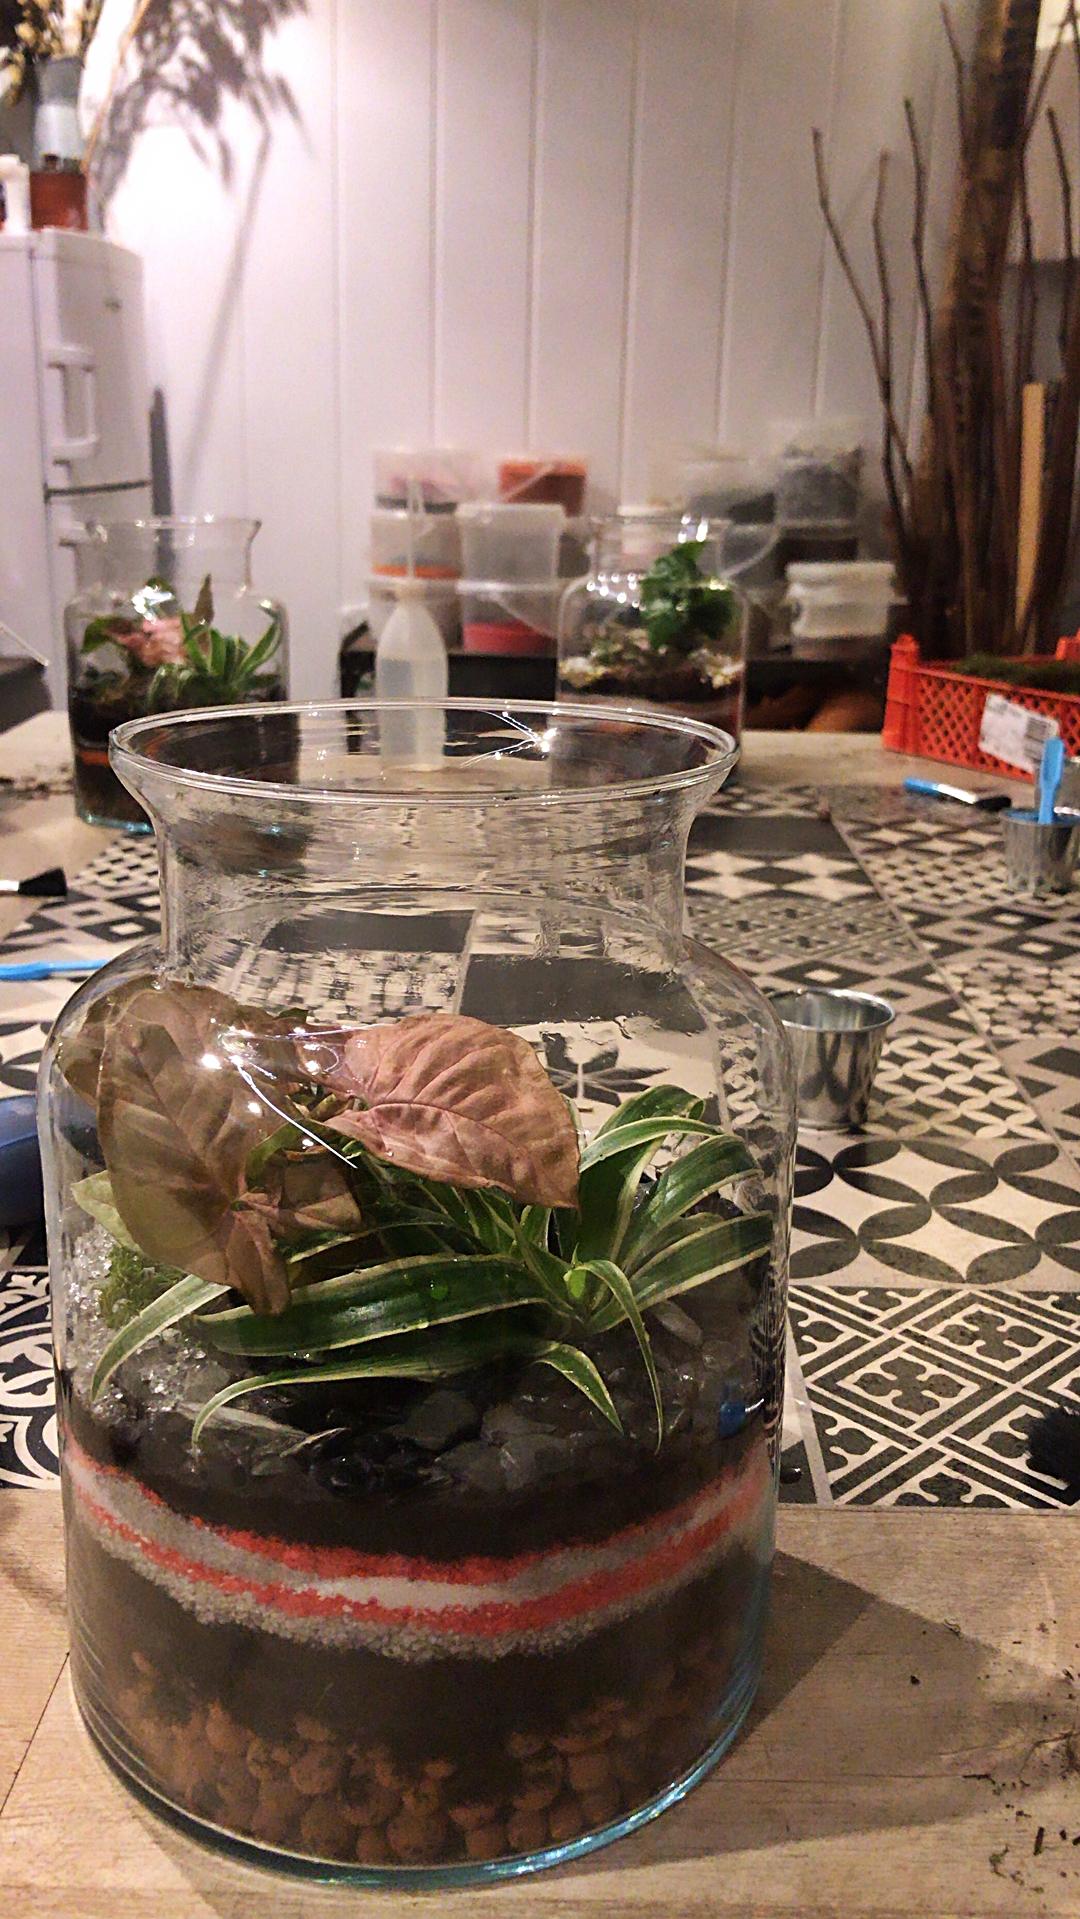 Cadeaux activité verte éthique manuel manuelles femme atelier terrarium DIY